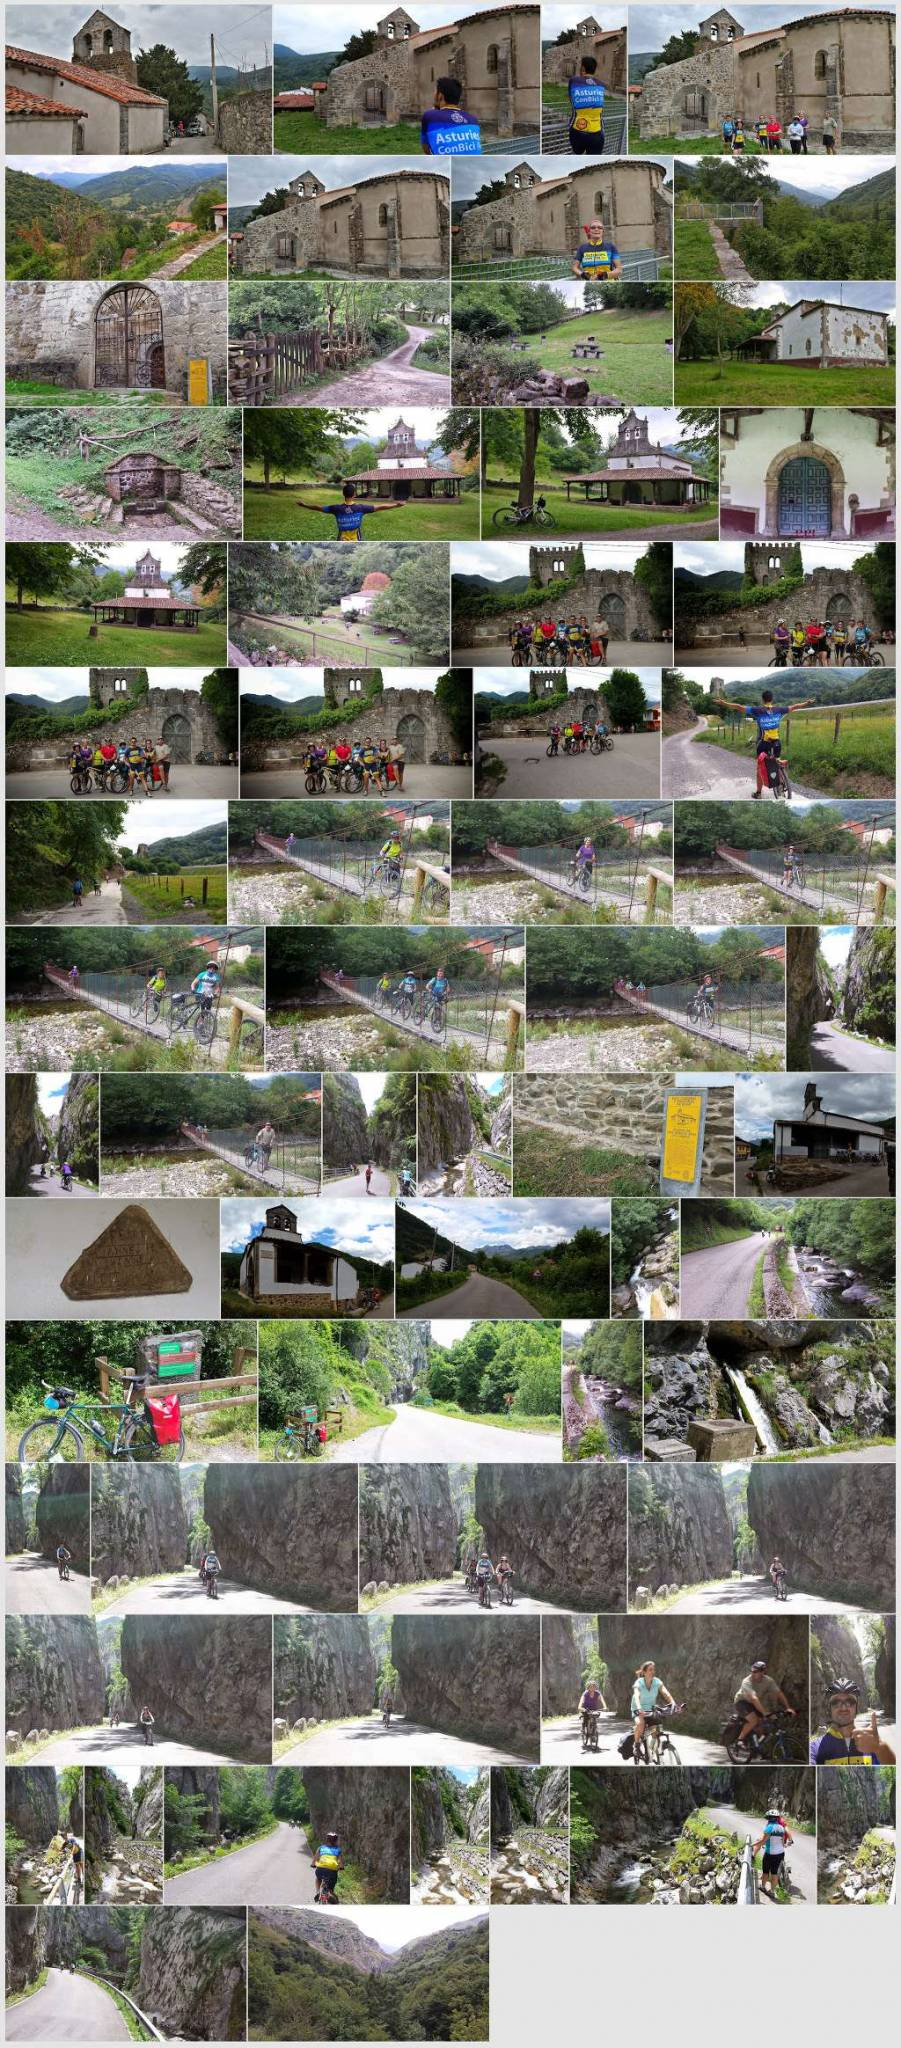 2014-07-05_AcB_FocesCapillesAller.jpg